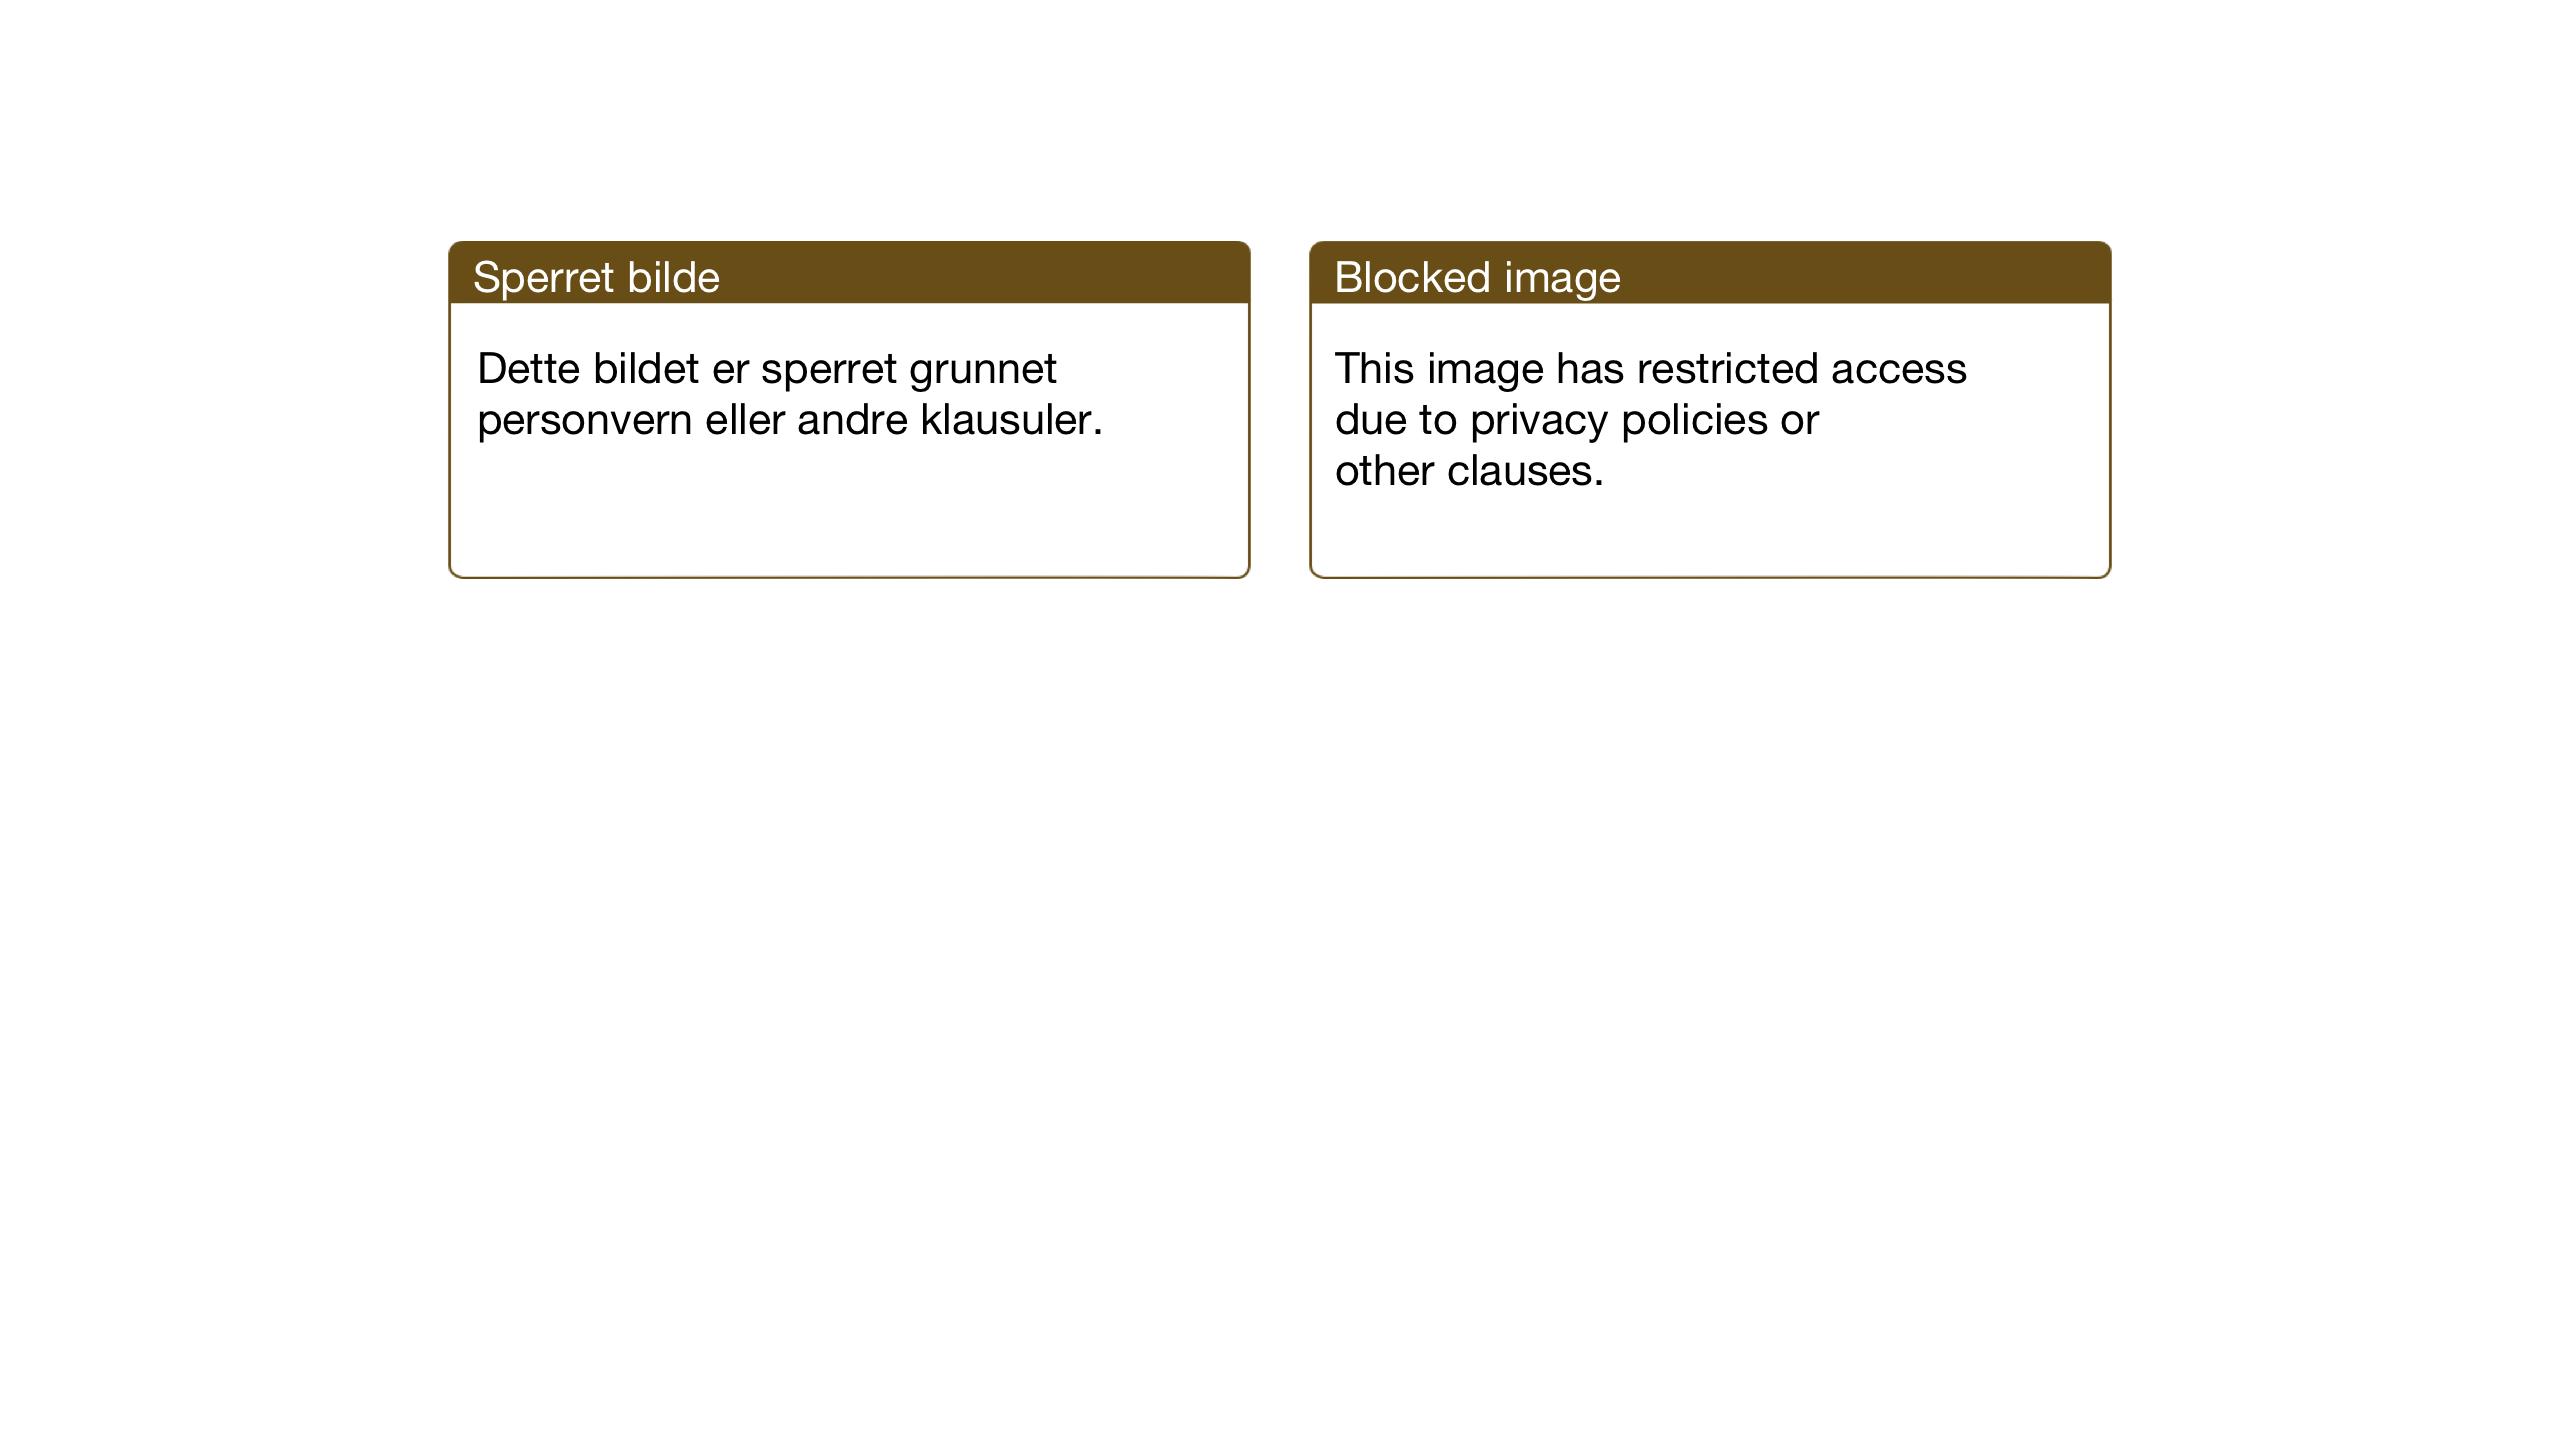 SAT, Ministerialprotokoller, klokkerbøker og fødselsregistre - Sør-Trøndelag, 630/L0508: Klokkerbok nr. 630C06, 1933-1950, s. 38